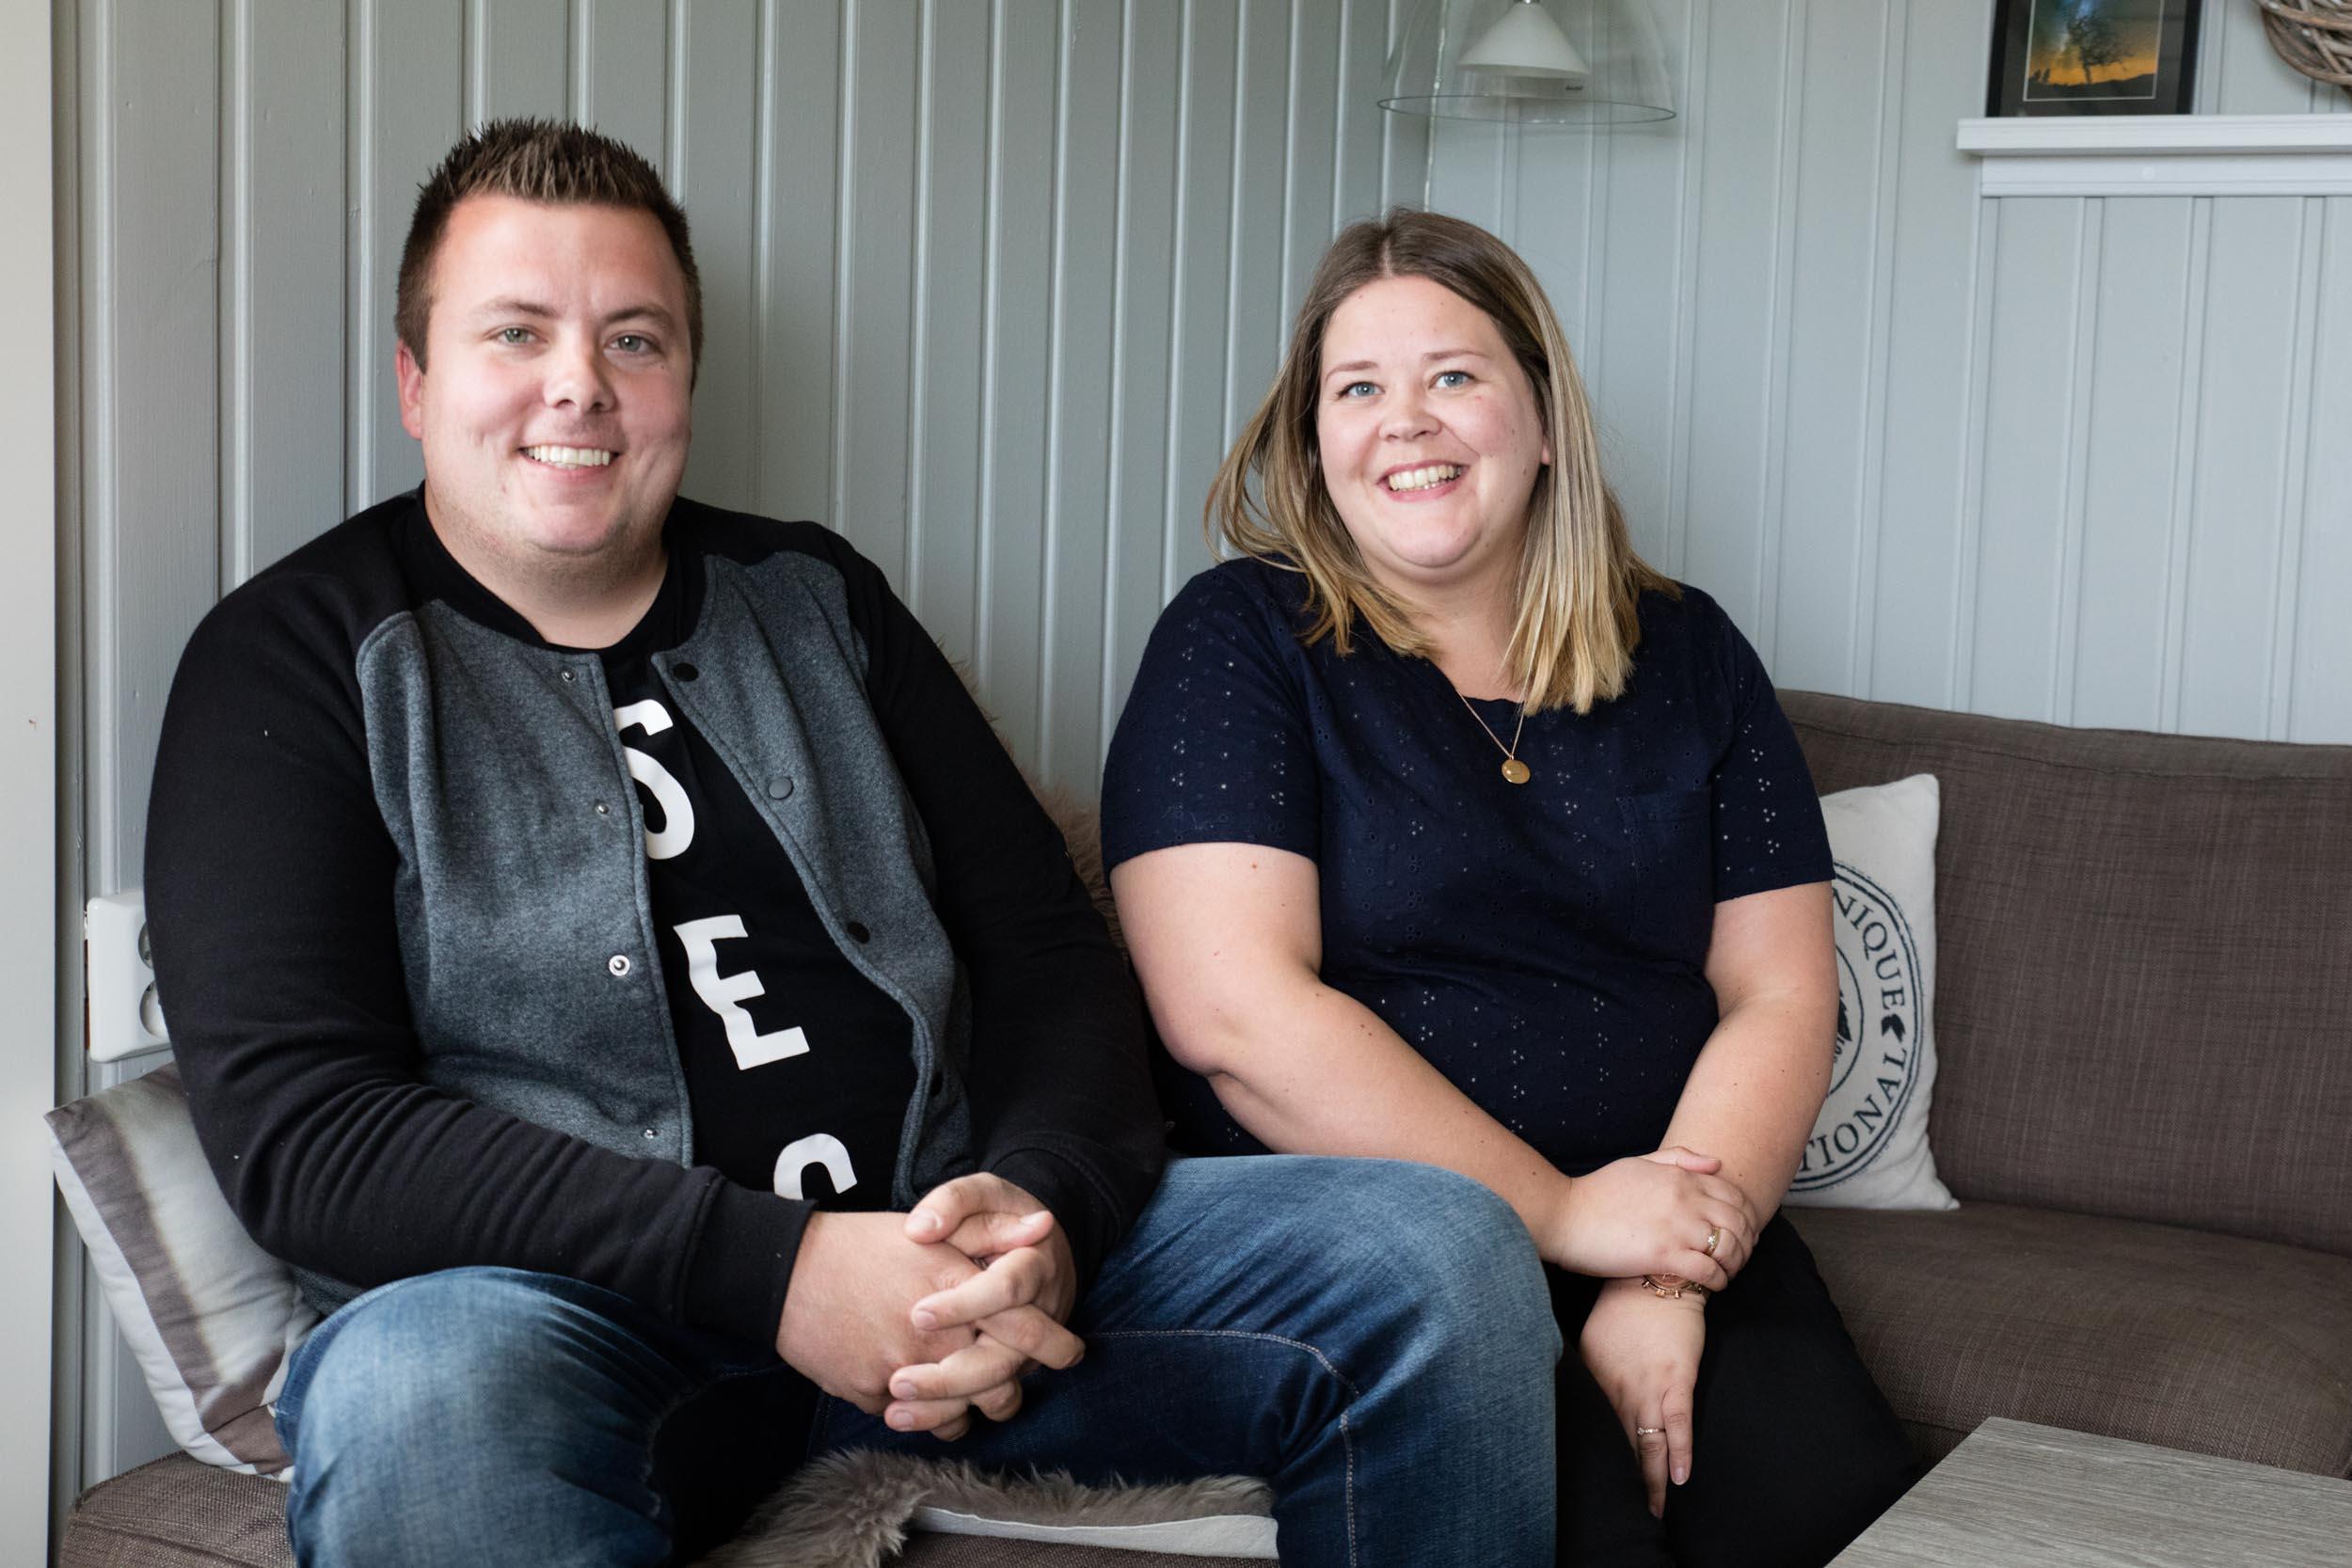 Erik og Emma Marie Sivertsen, er de heldige vinnerne av tid for roms Drømmehytta. Det glade budskap fikk det unge paret på selveste bryllupsdagen.